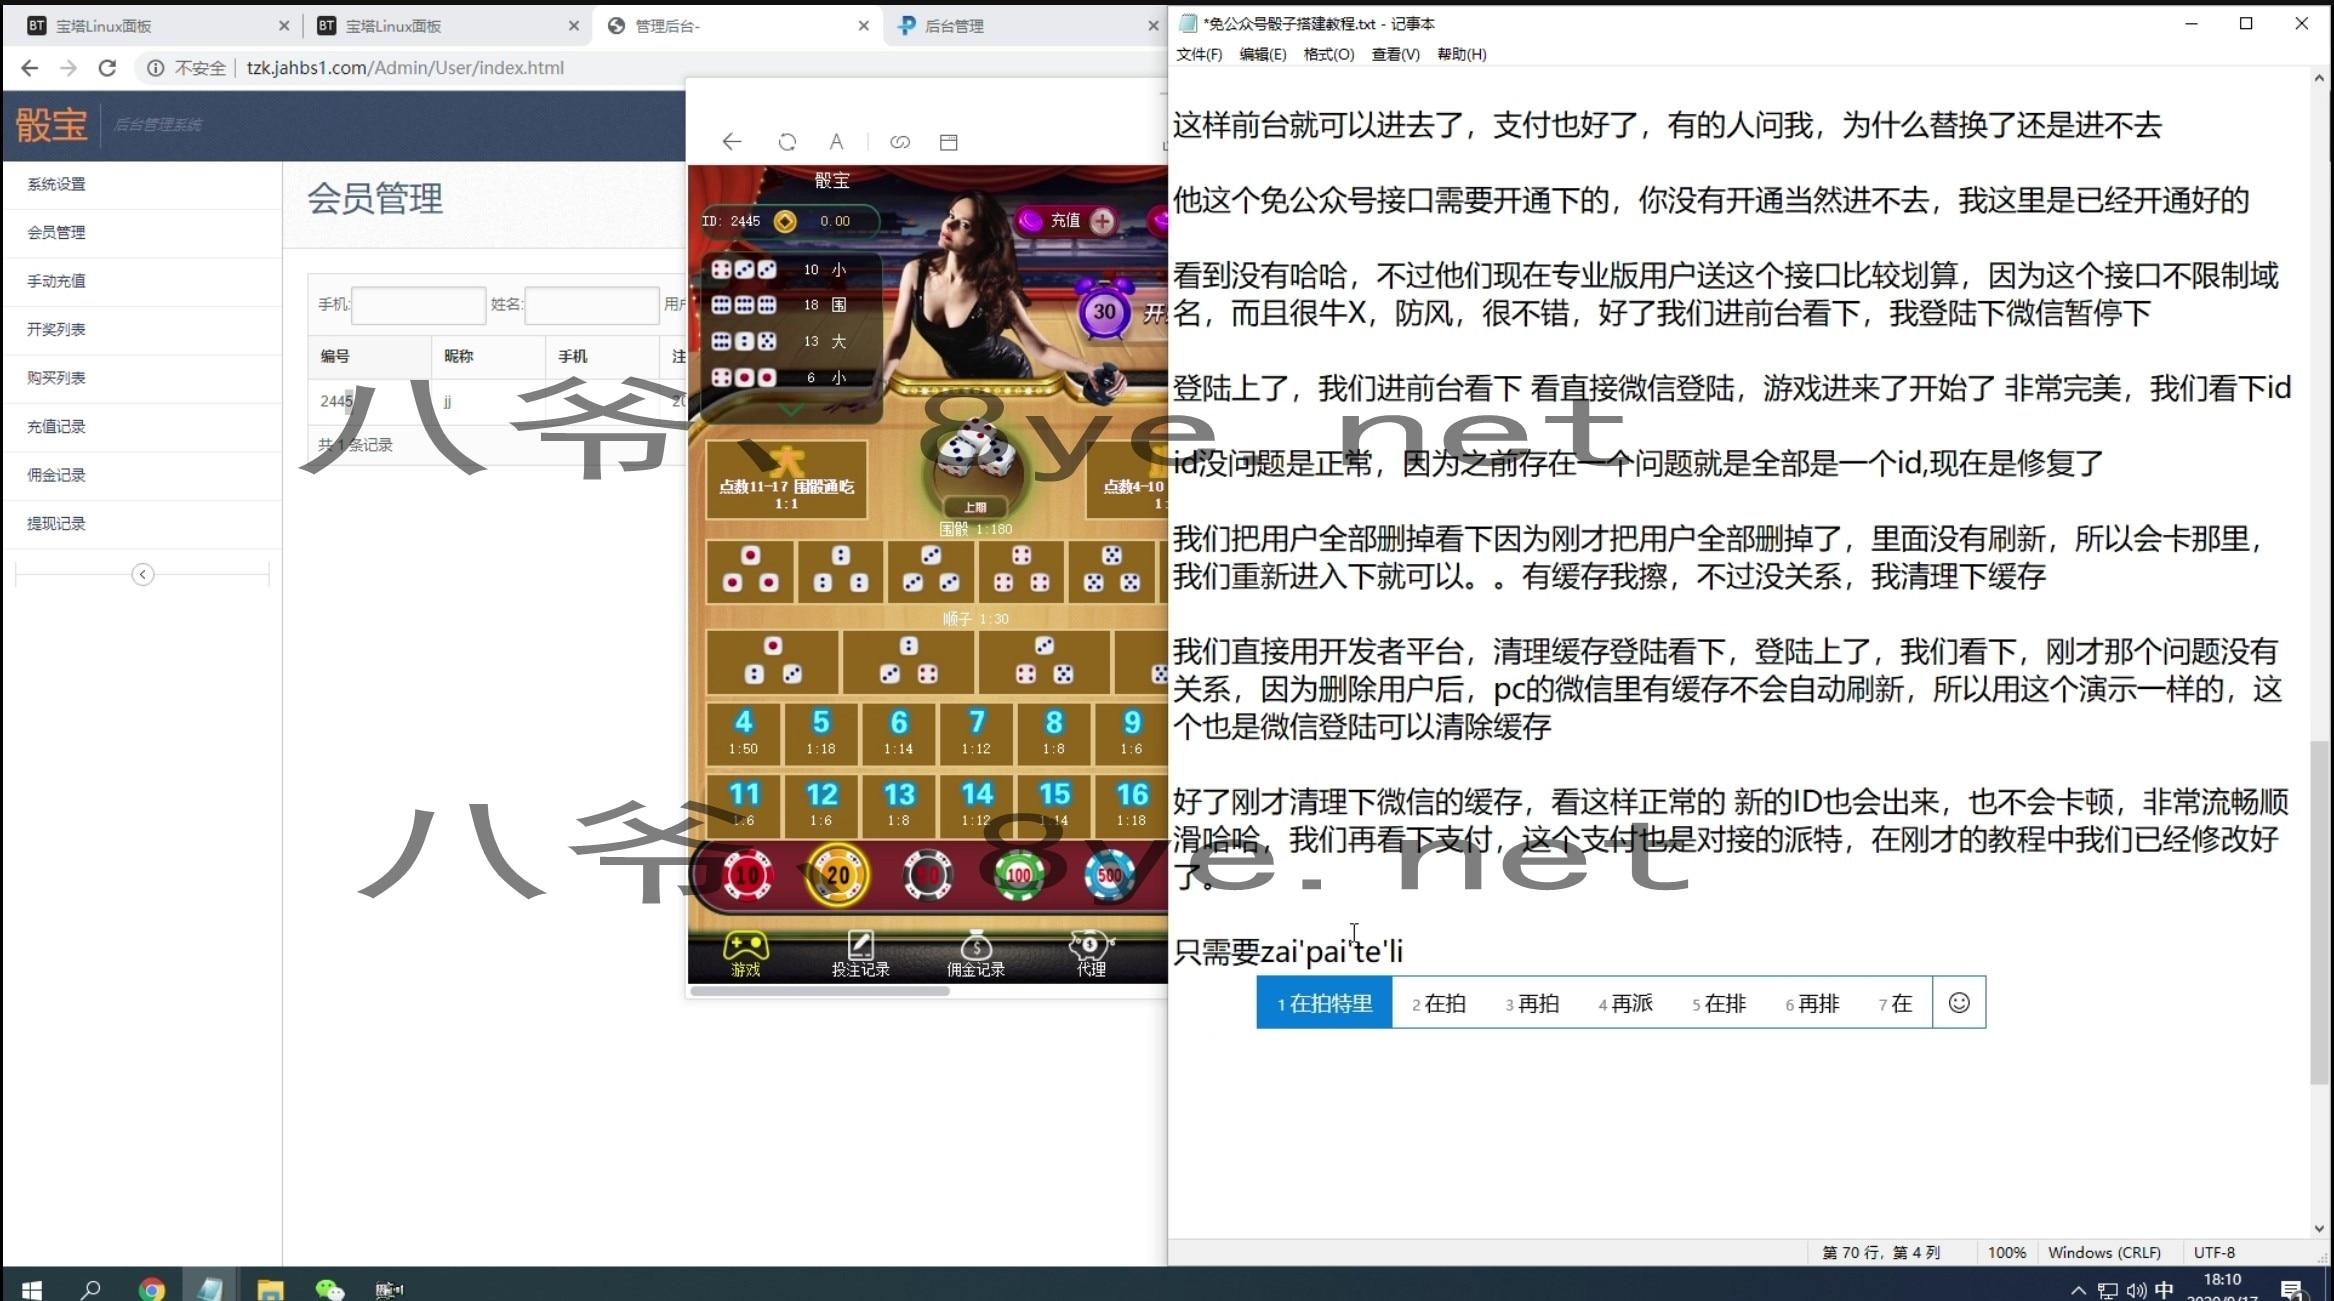 【视频教程】H5极速骰子微信竞猜骰宝游戏免公众号版修复登录ID全套源码配套搭建视频教程